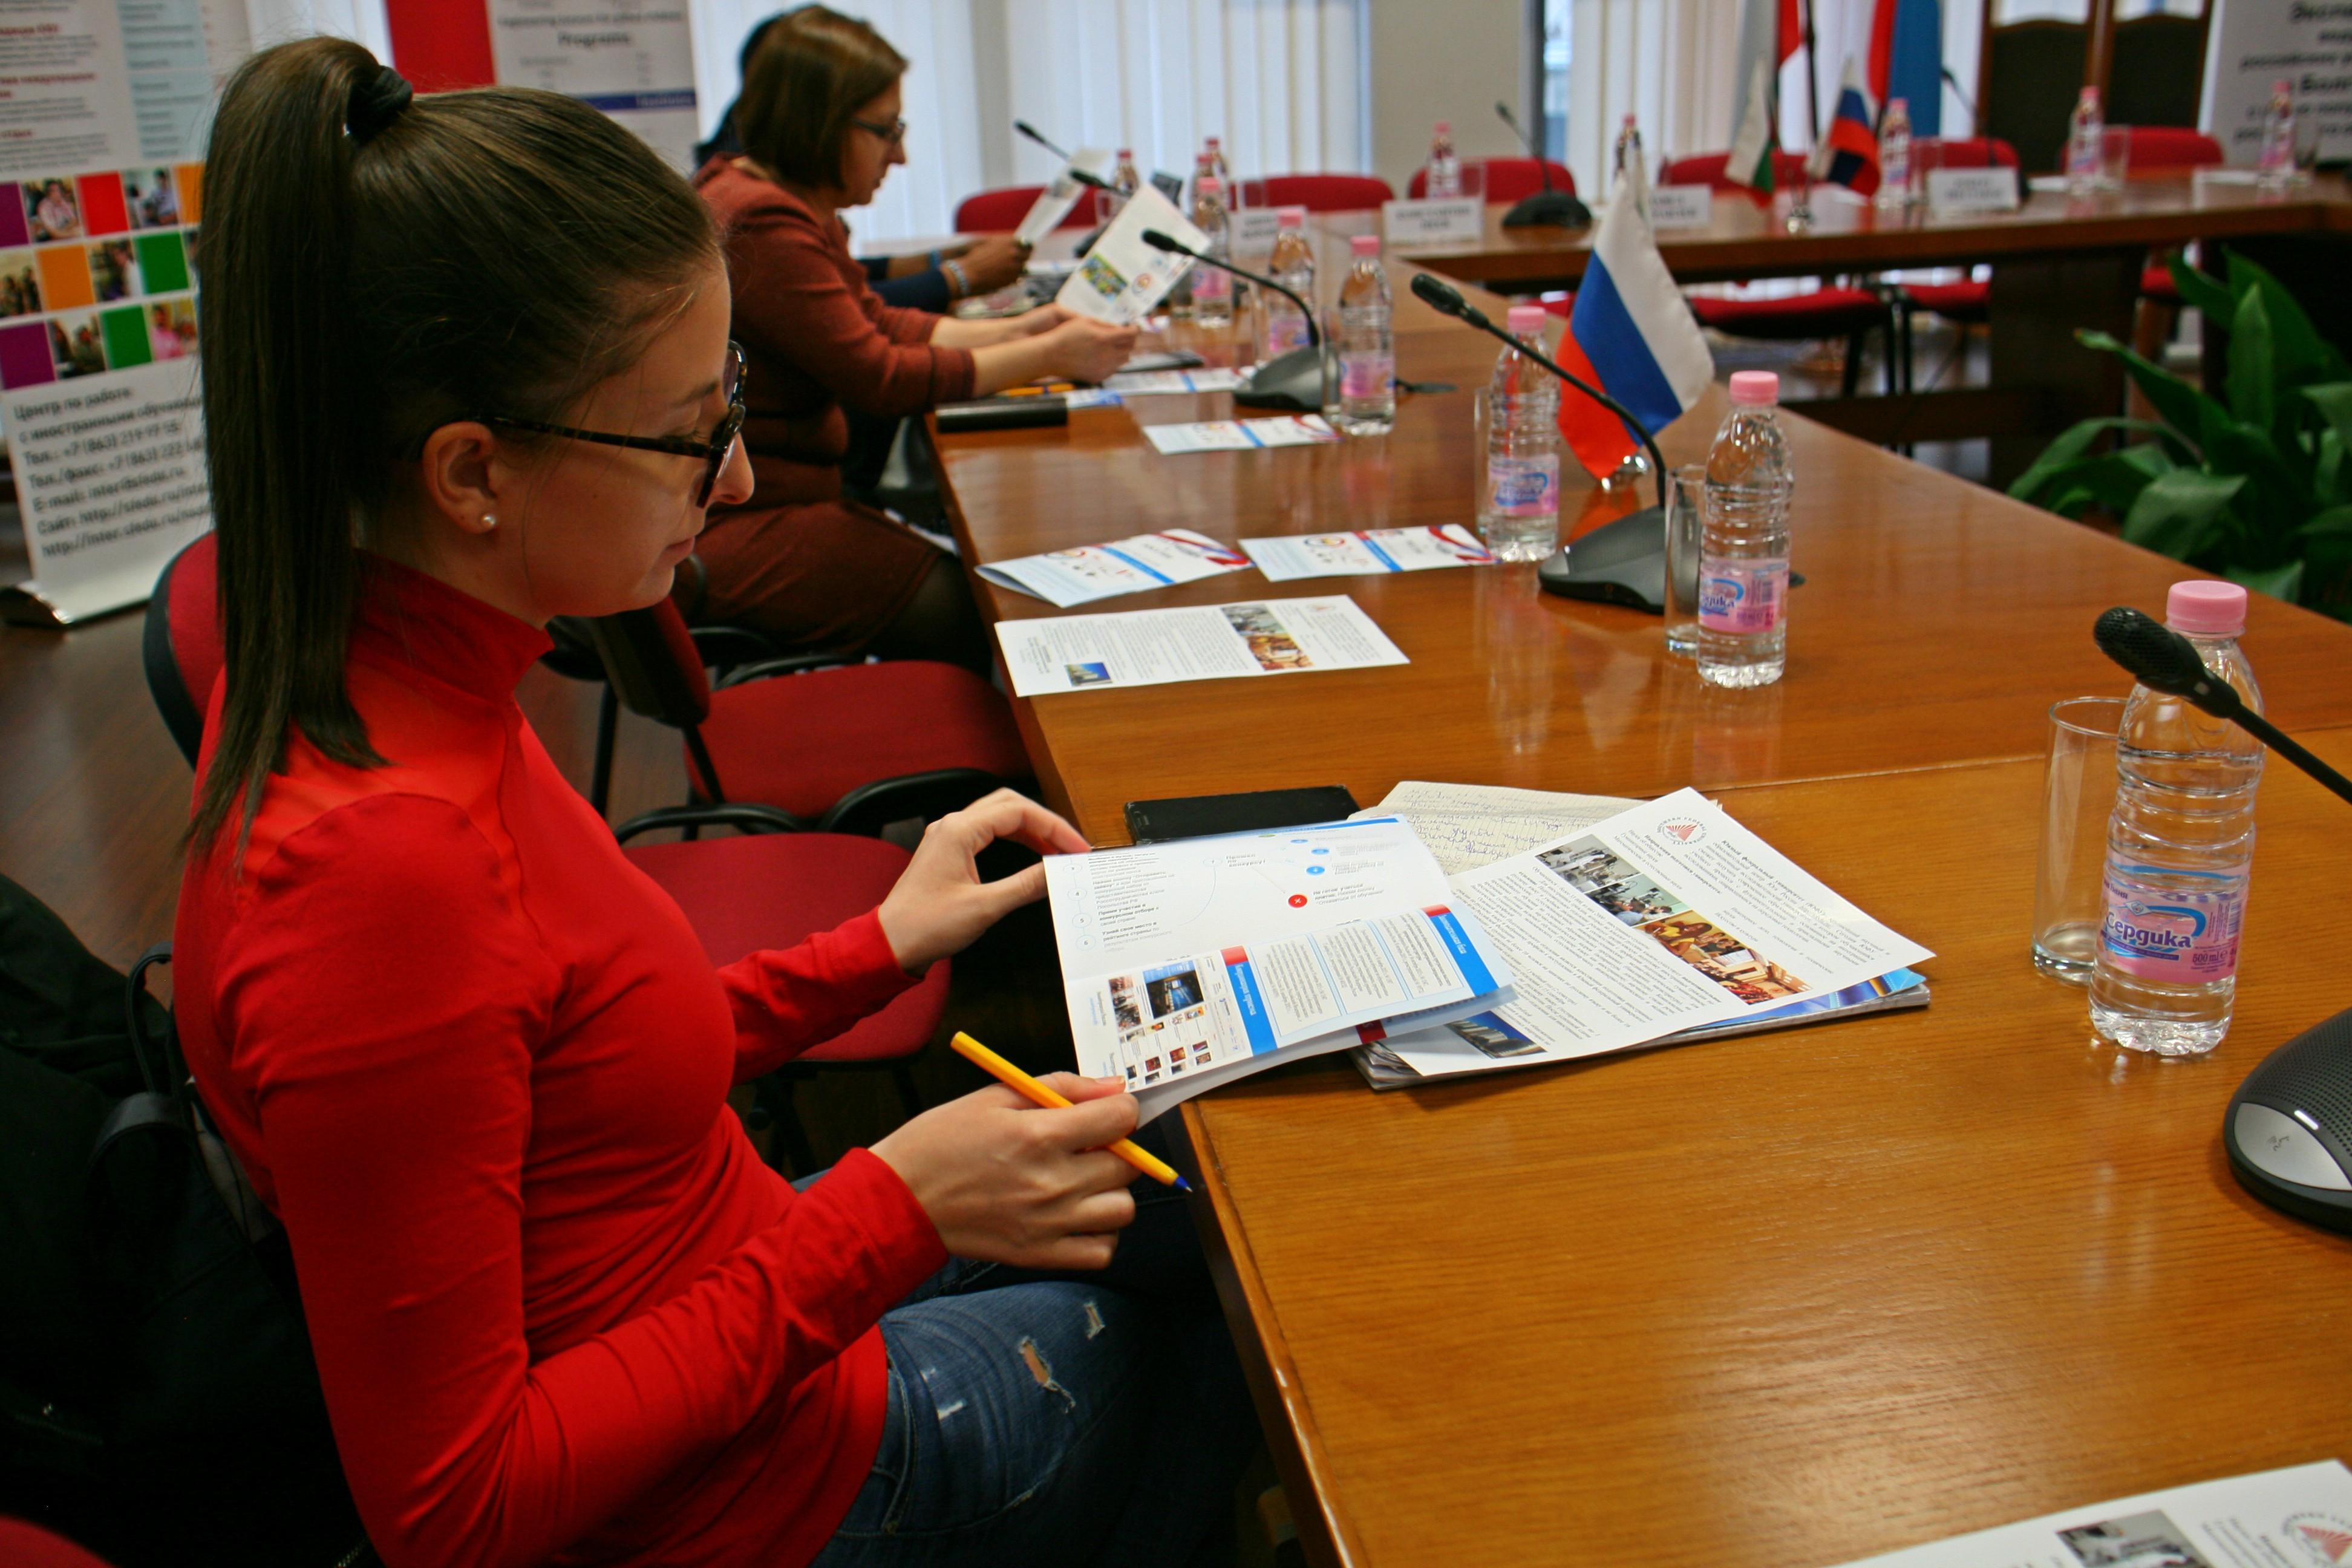 Българските кандидат-студенти се запознаха с възможностите и условията за кандидатсване за безплатно обучение в руски университет.